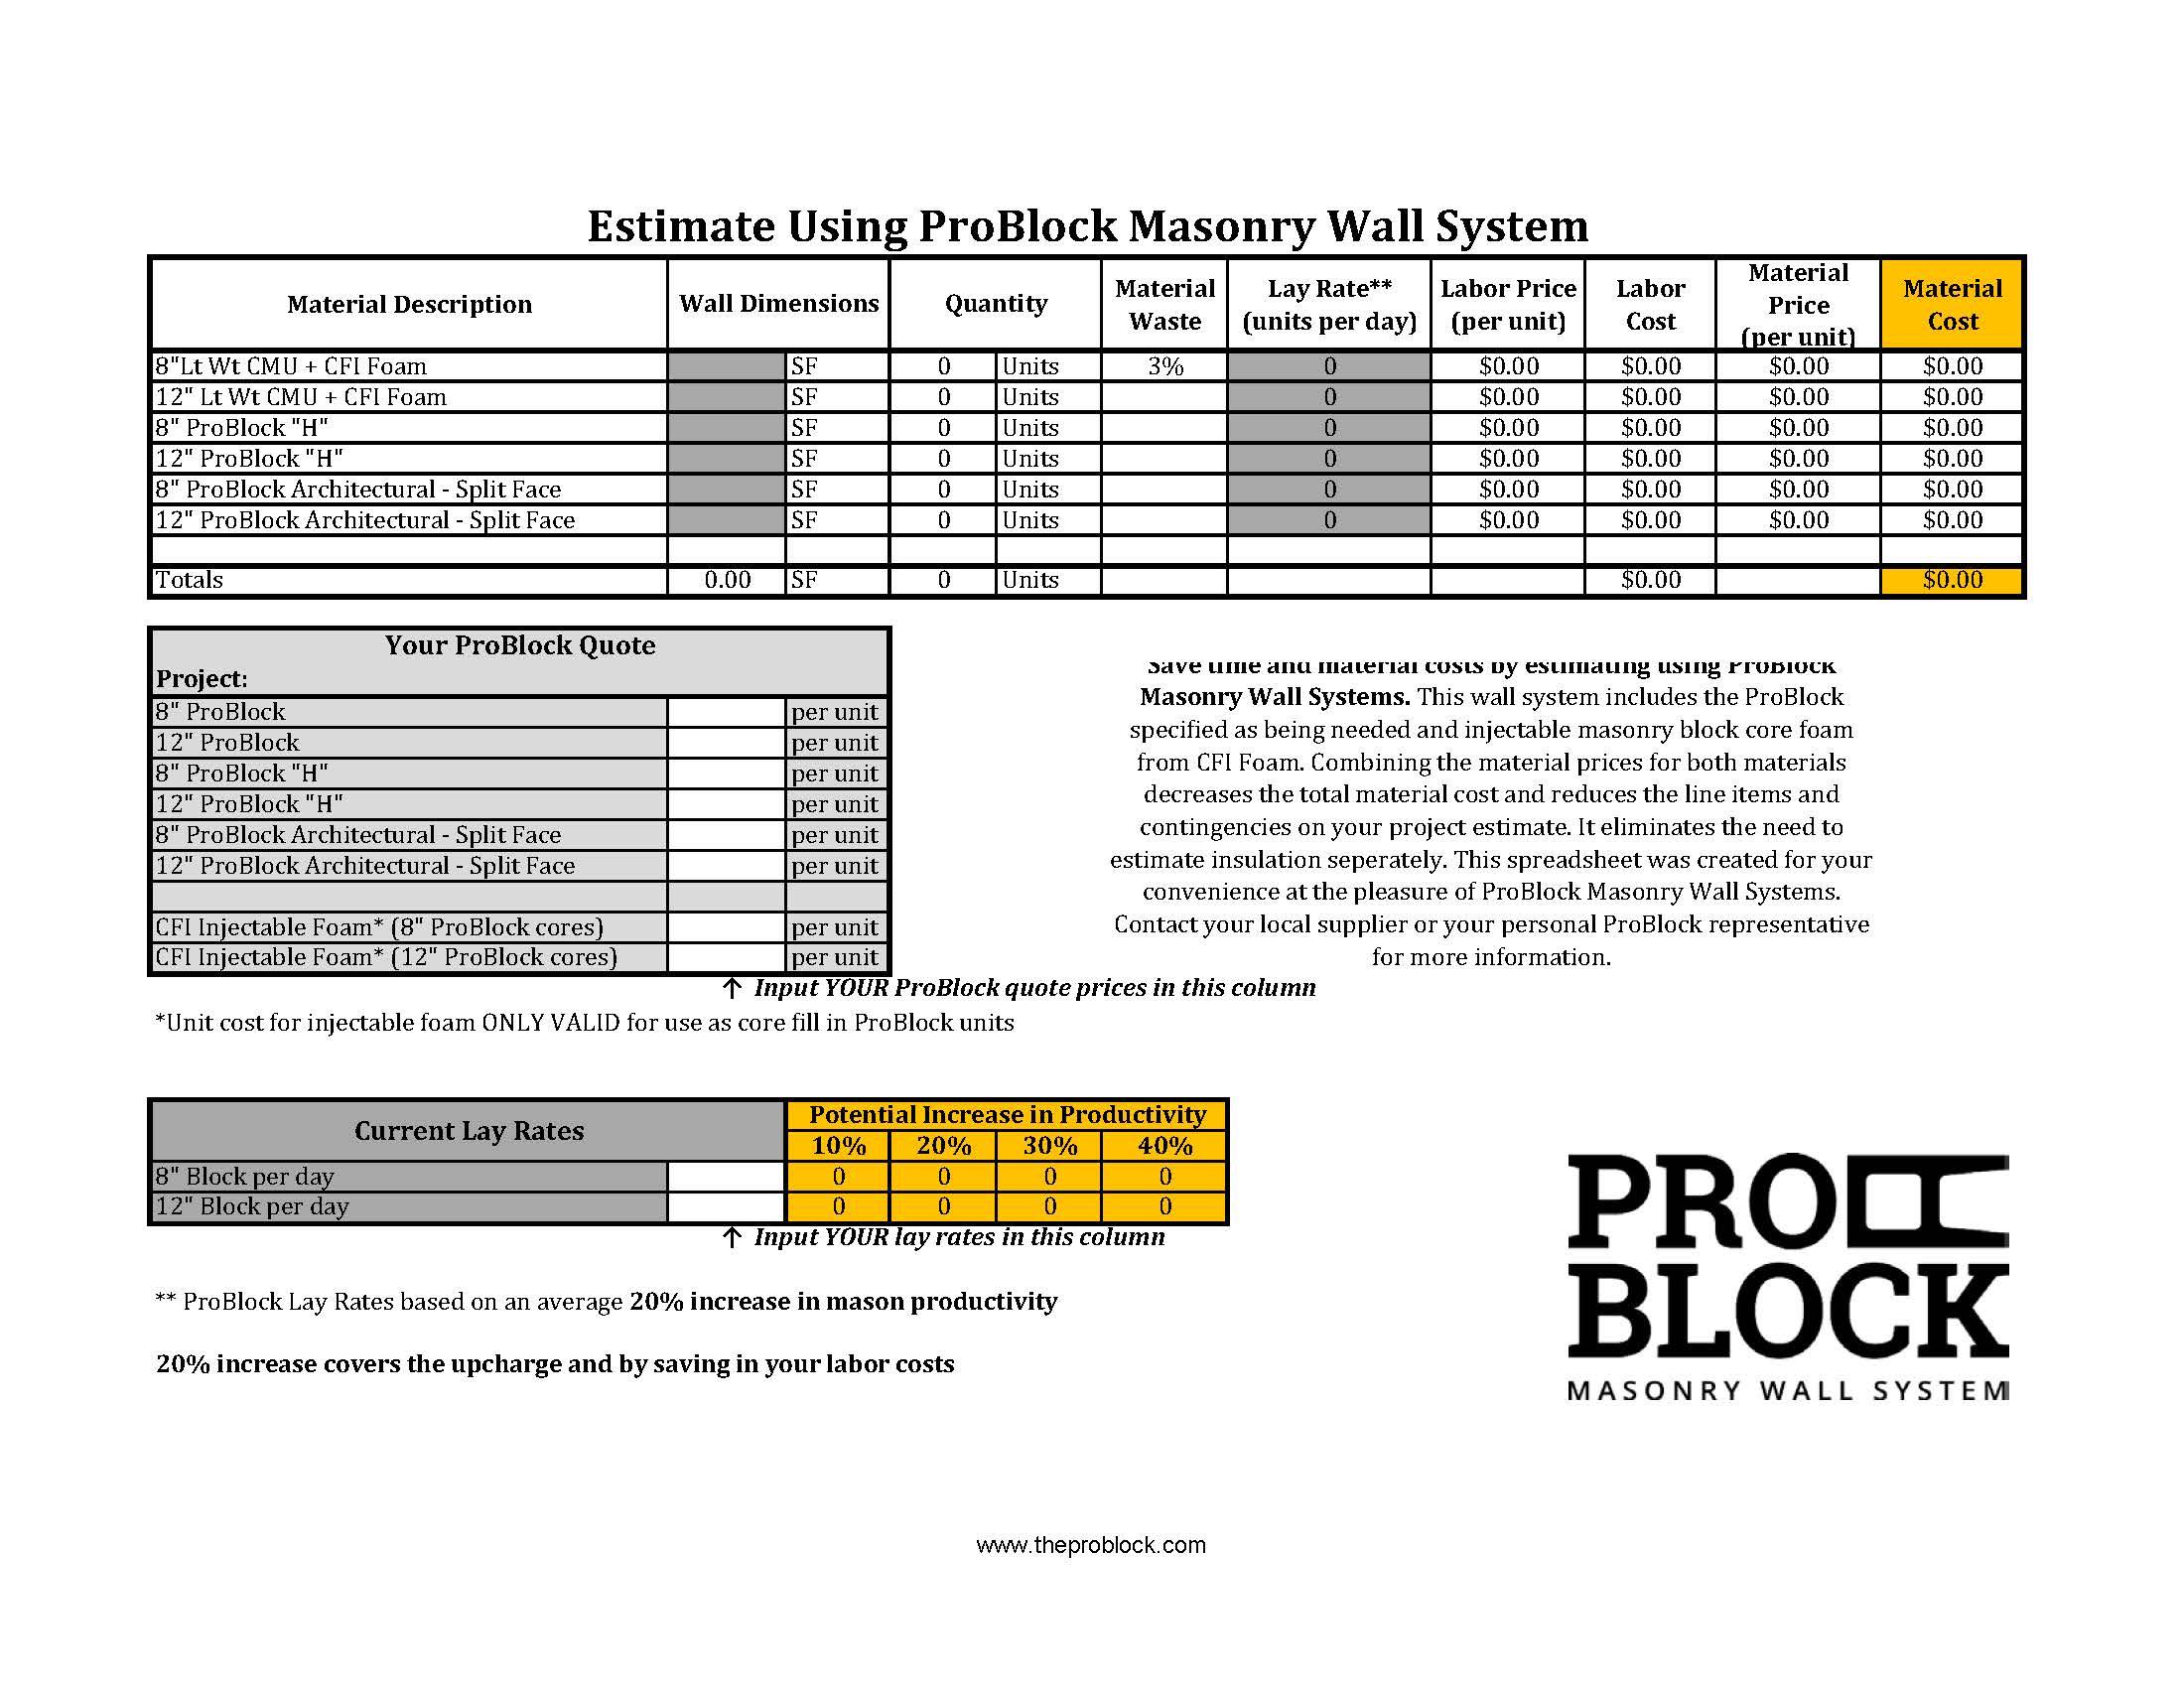 Masonry Estimate Calculator - ProBlock